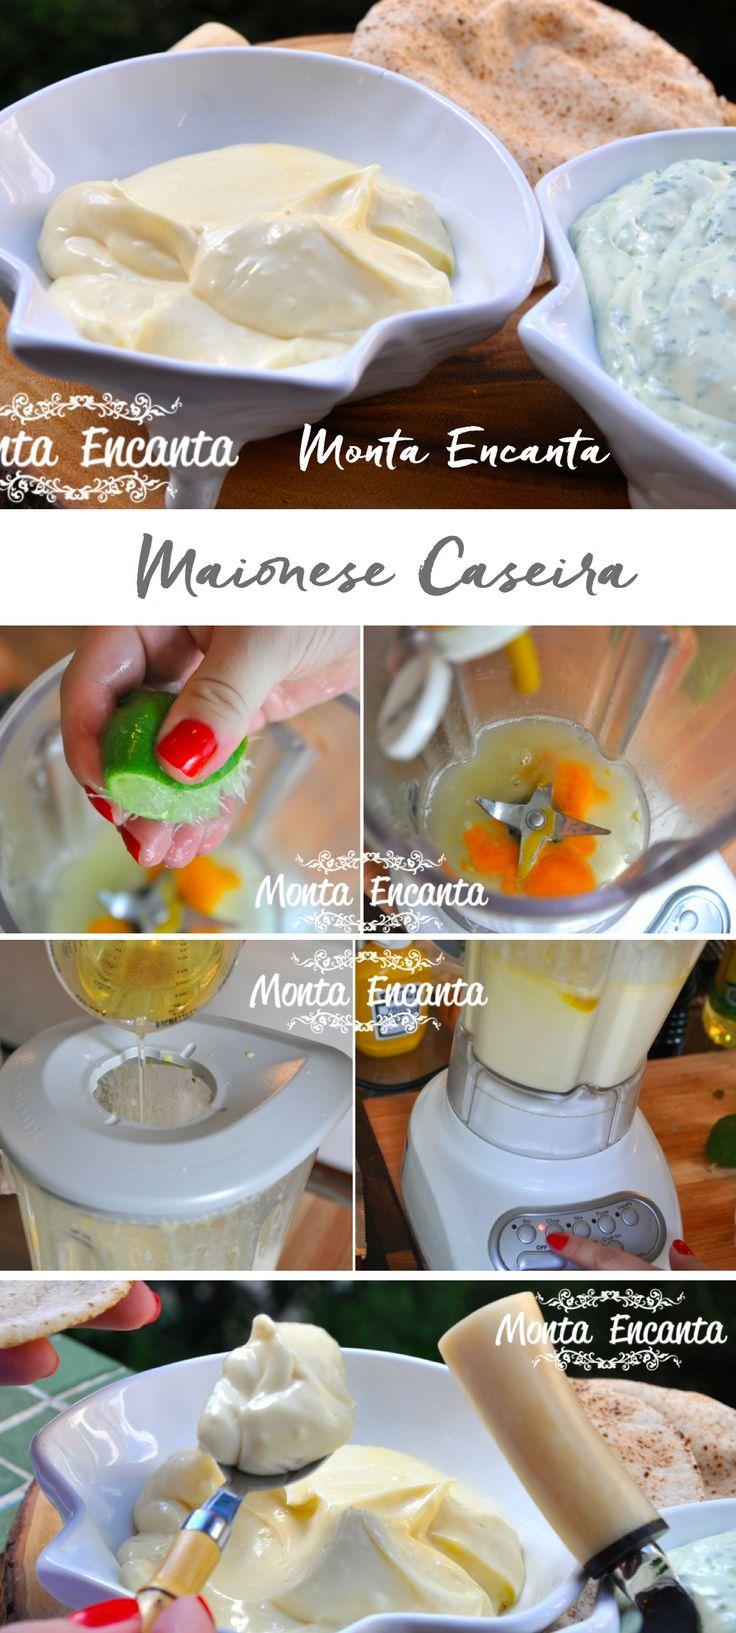 Maionese Caseira, branca e verde, igualzinha a das lanchonetes  famosas e pronta em 5 minutinhos. Deliciosa e muito simples de fazer